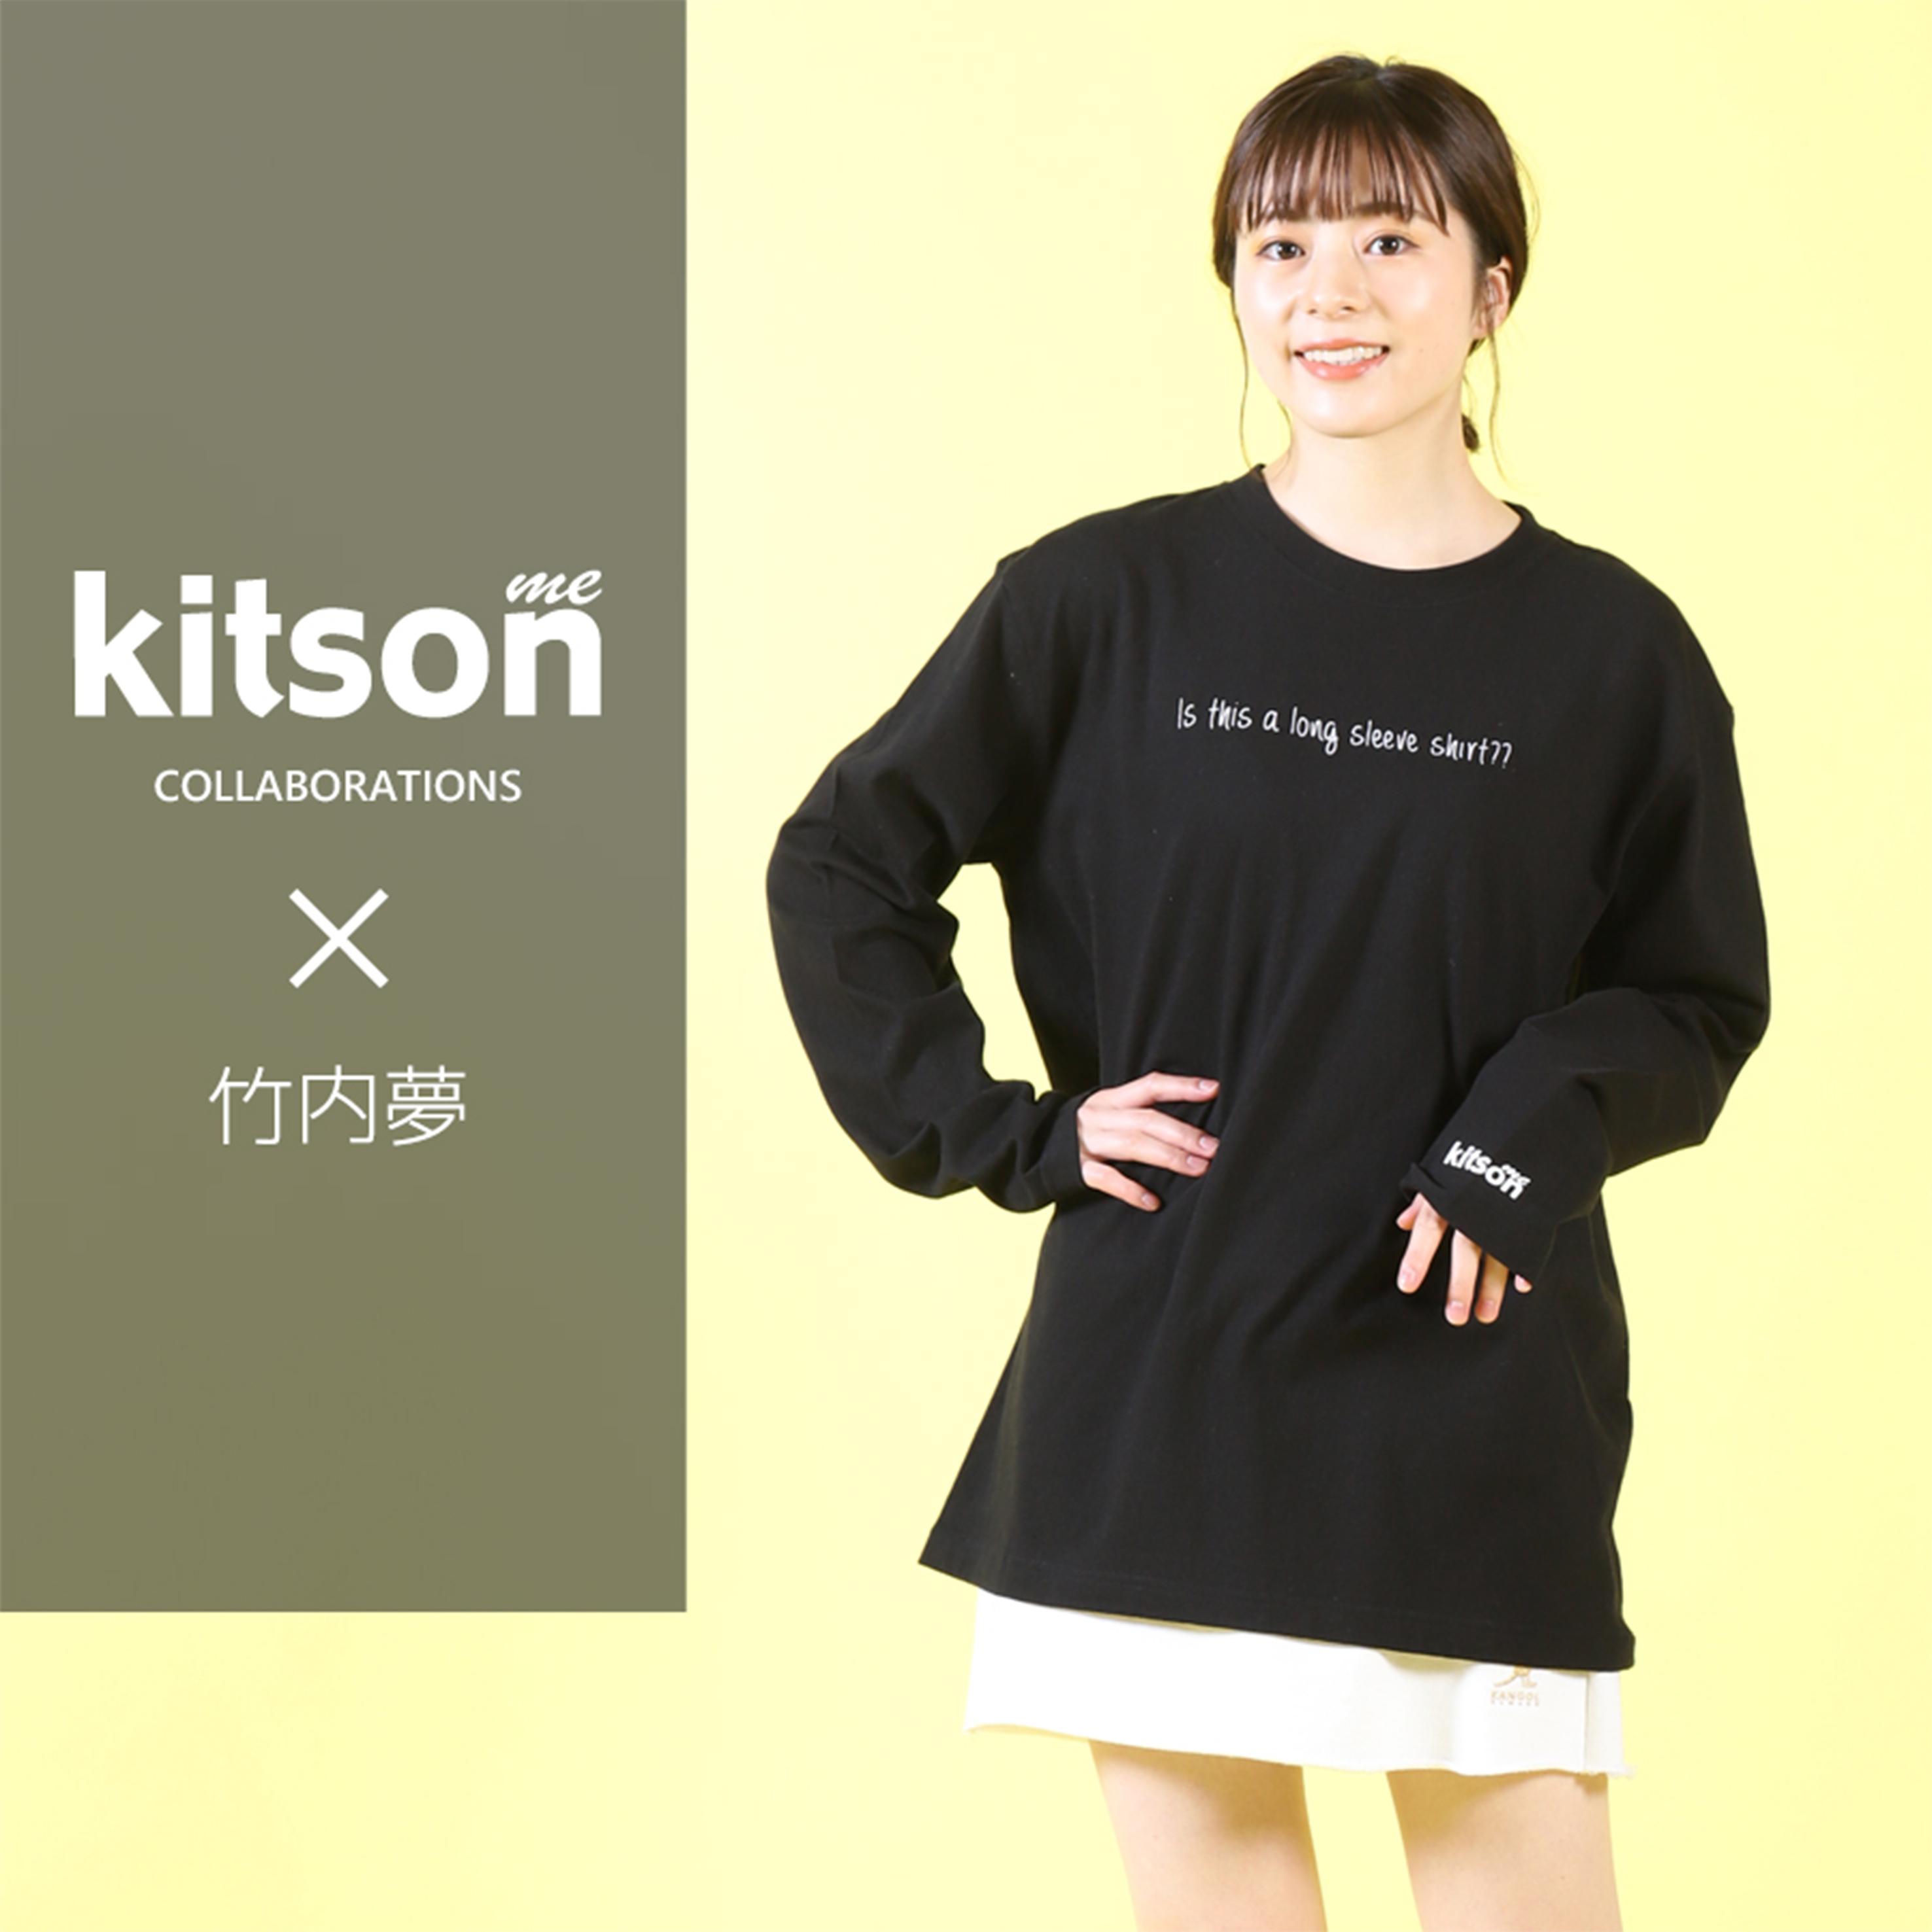 竹内夢×Kitson me 長袖Tシャツ